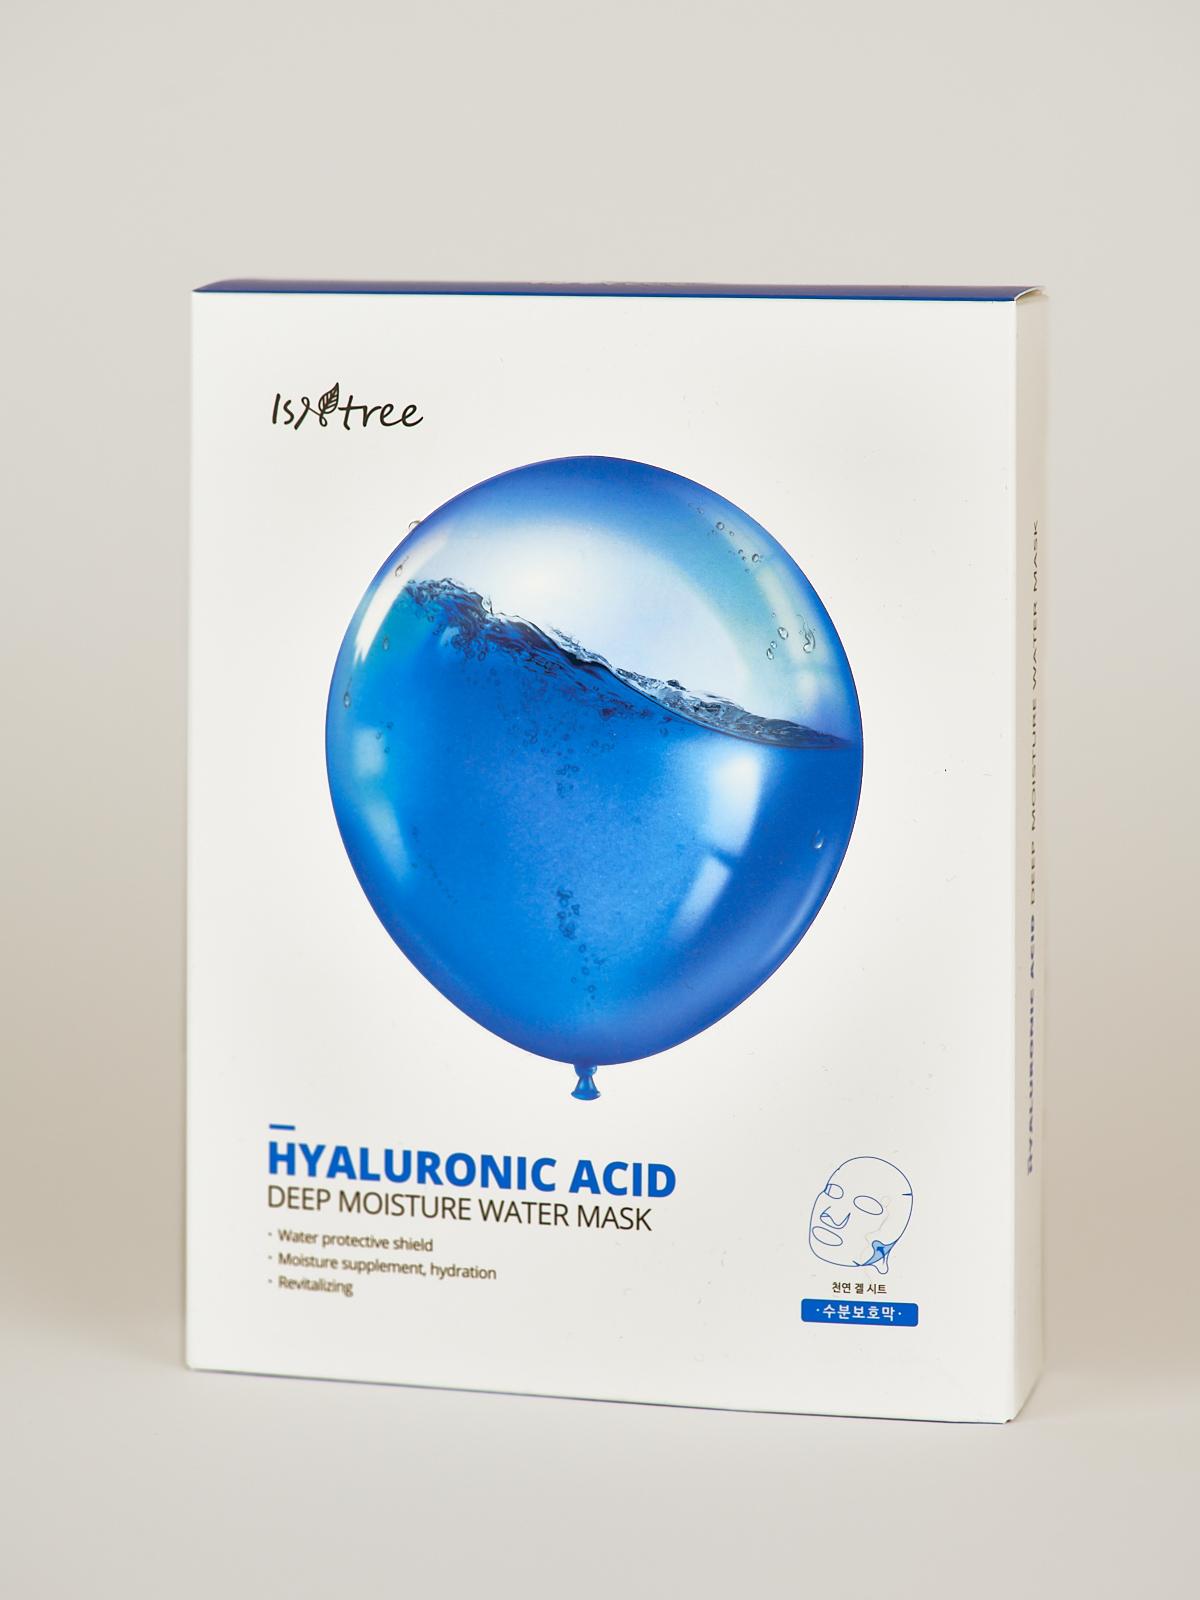 Isntree Hyaluronic Acid Deep Moisture Water Mask Pack. Weiße Box mit 10 Sheet Masks, darauf ein blauer Ballon voll Wasser.